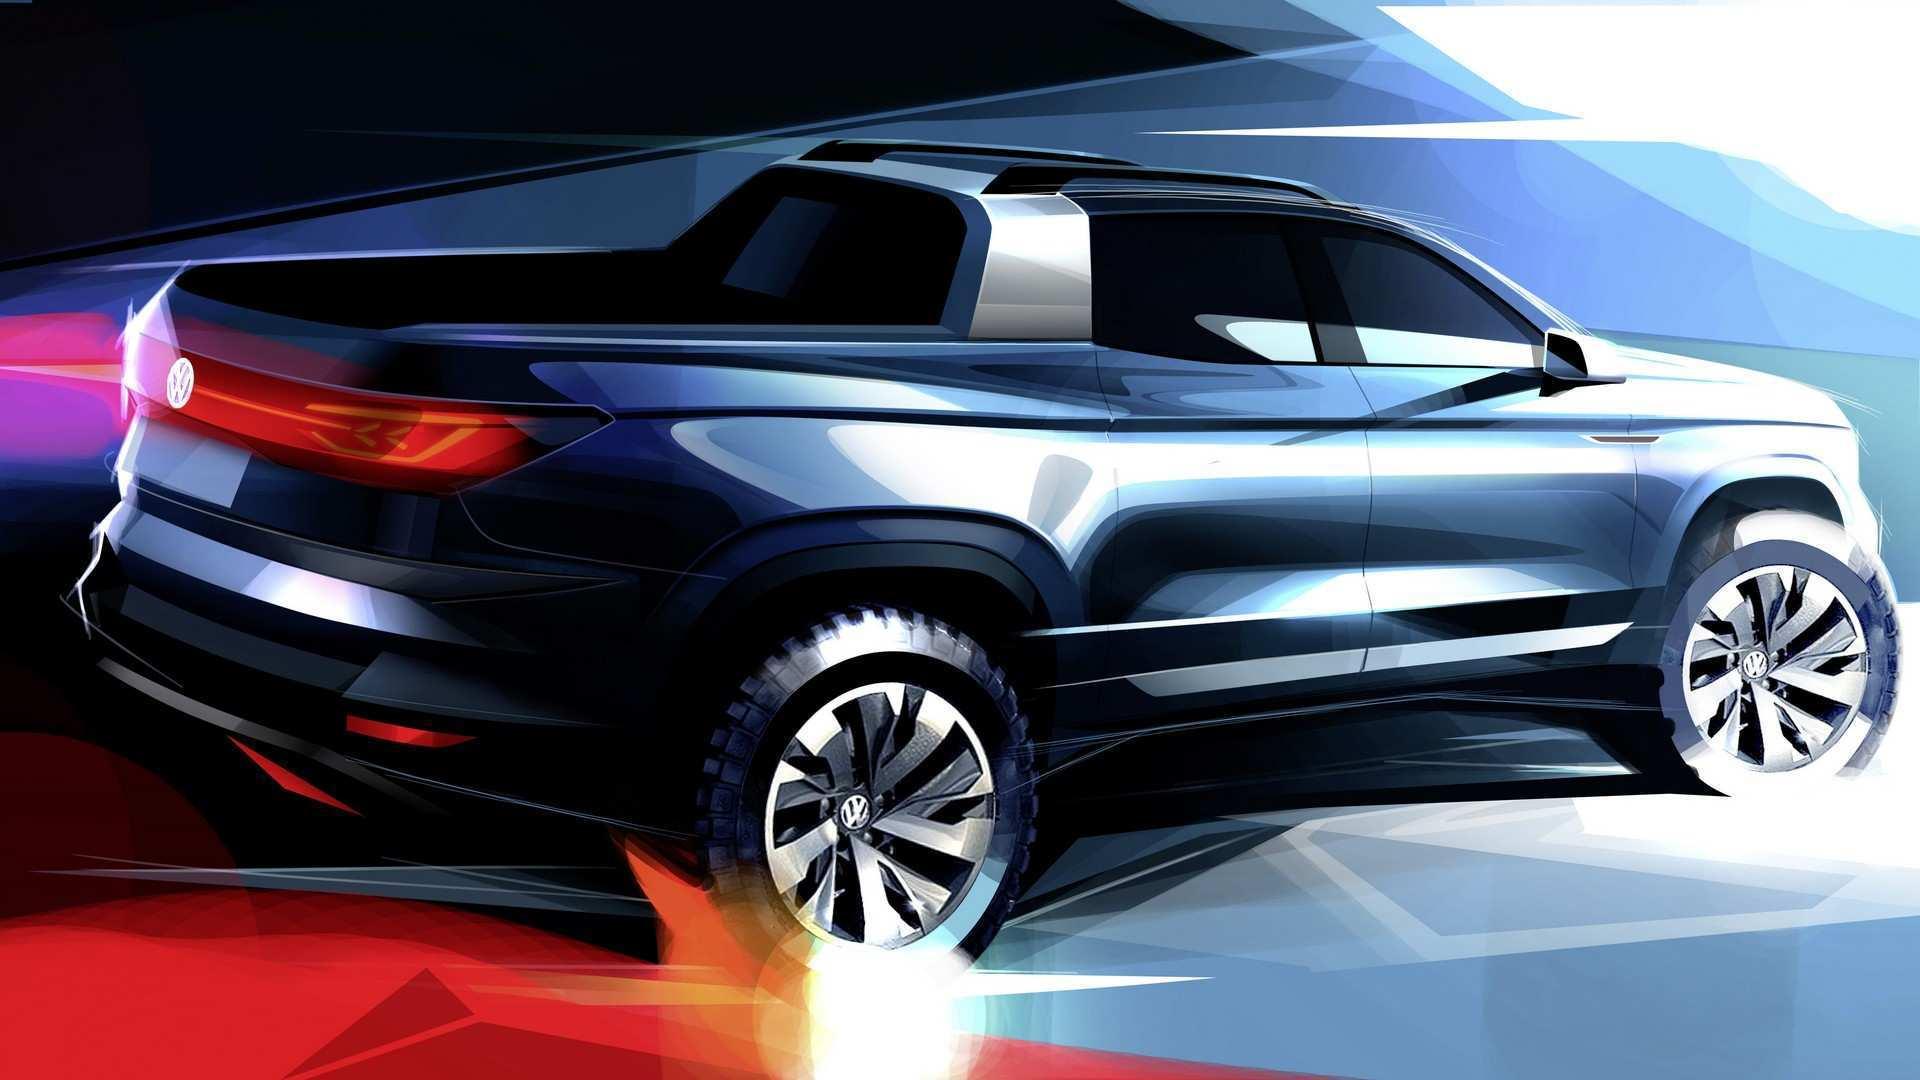 95 Great Volkswagen 2020 Concept Pricing for Volkswagen 2020 Concept